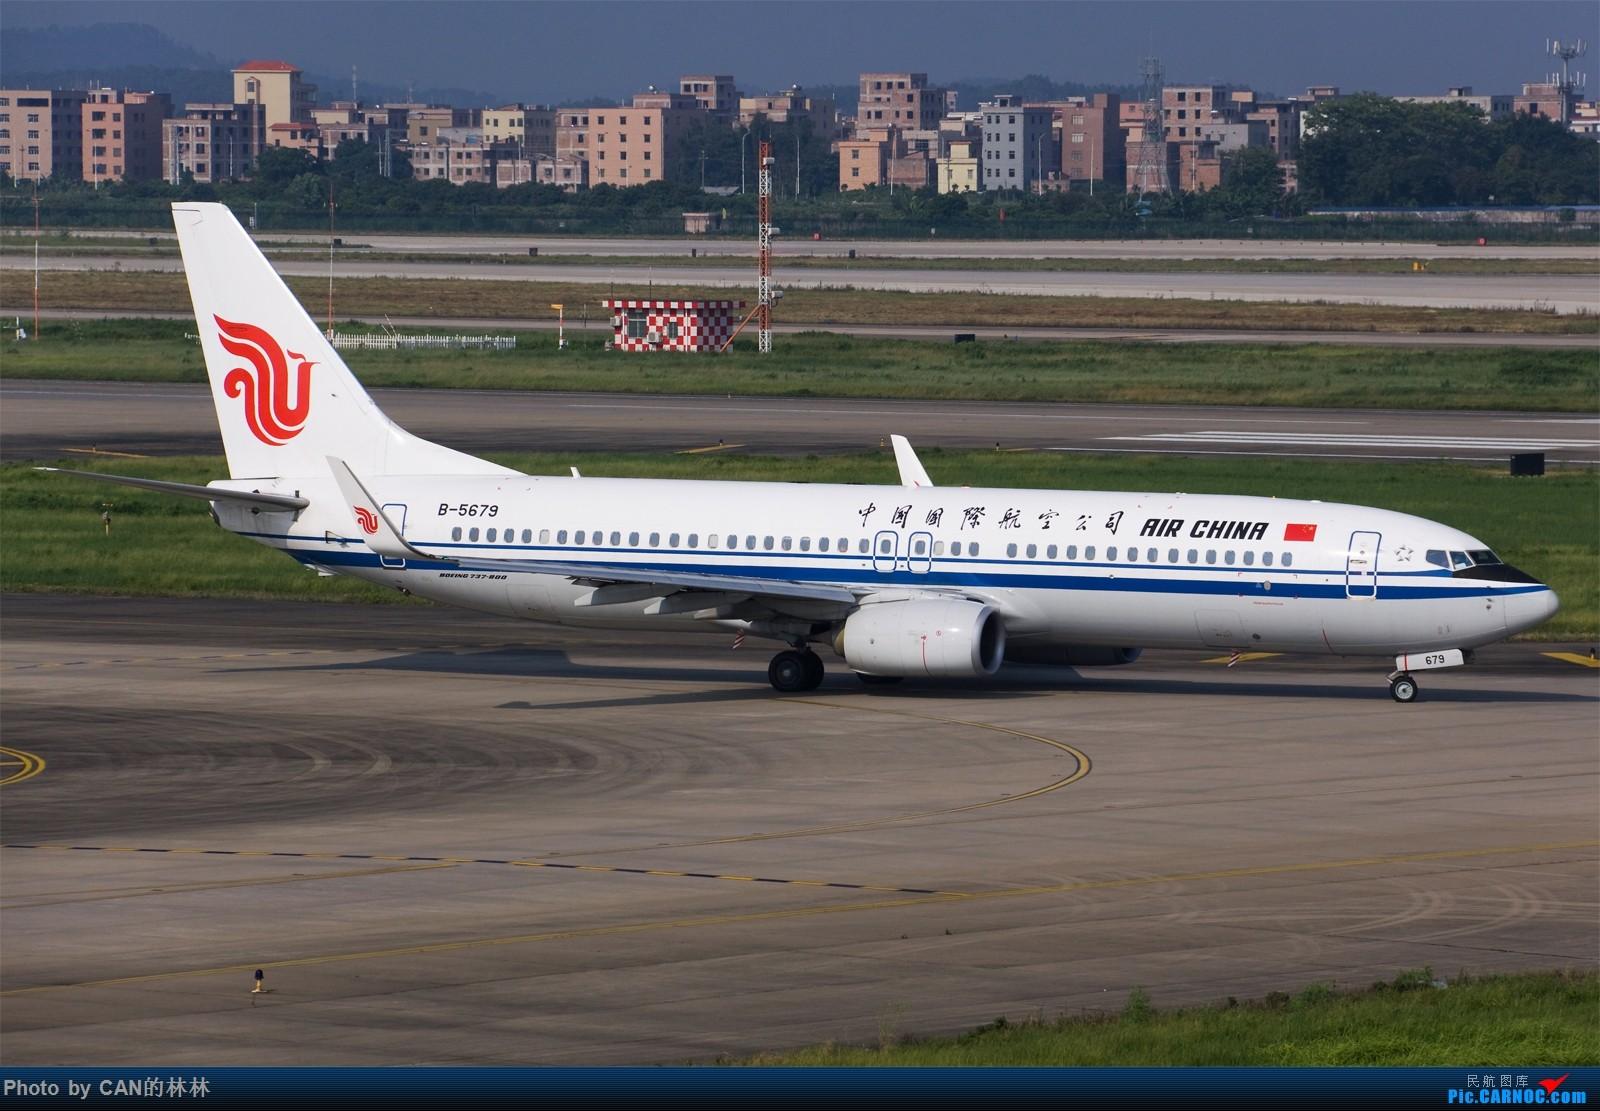 Re:[原创]------一面红旗,一抹阳光------ BOEING 737-800 B-5679 中国广州白云国际机场